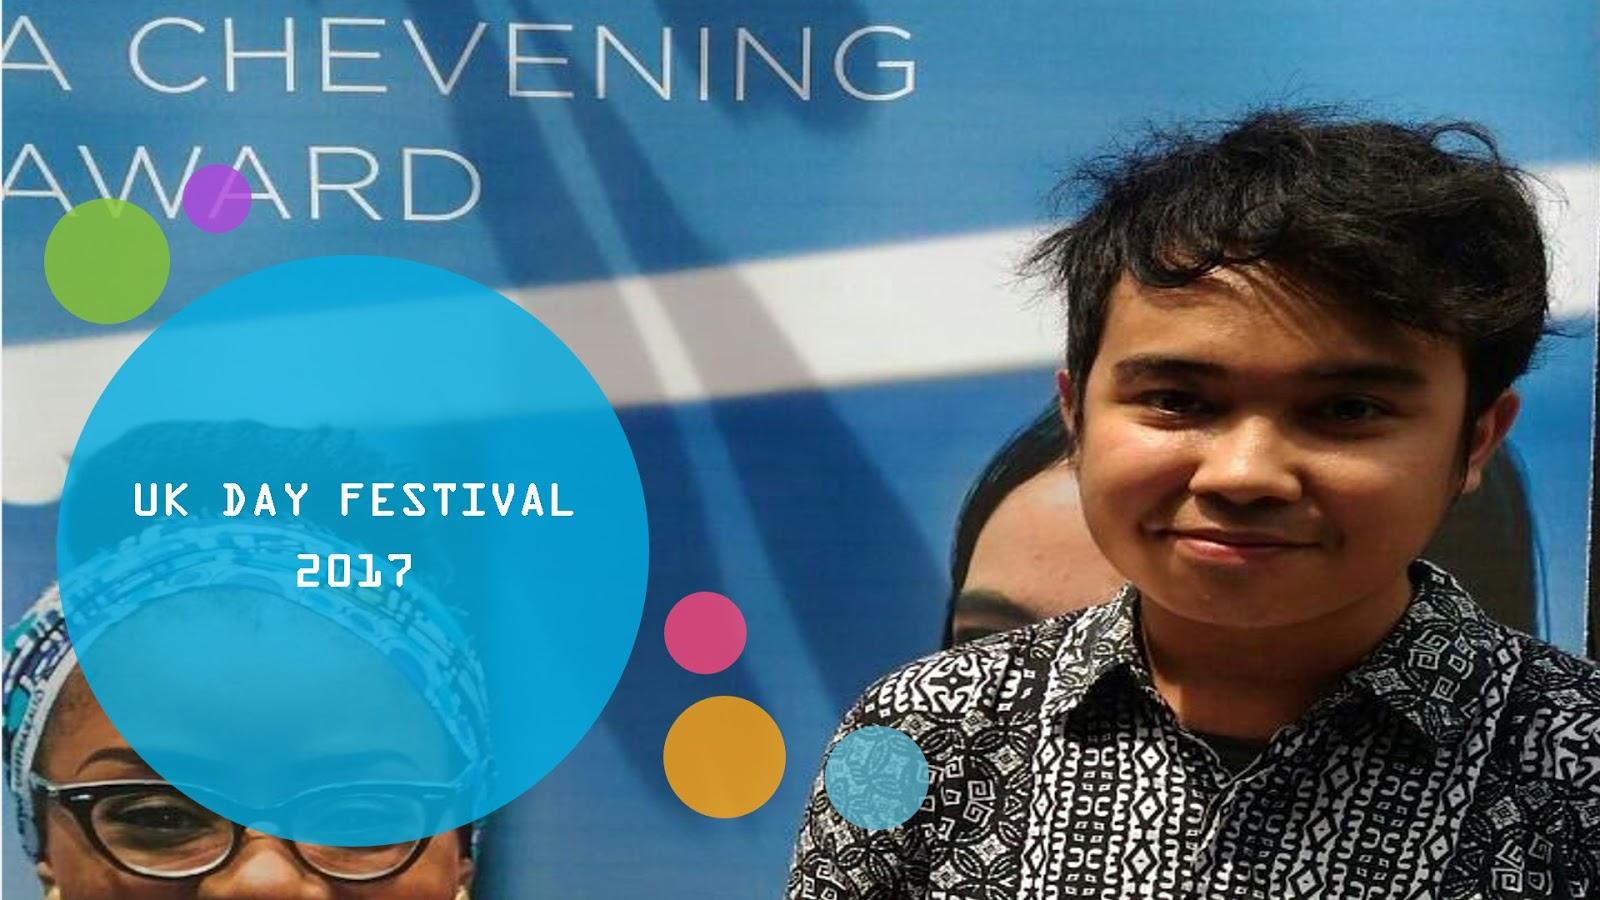 Menikmati Keseruan Festival Bahasa Inggris Di UK Day Festival 2017